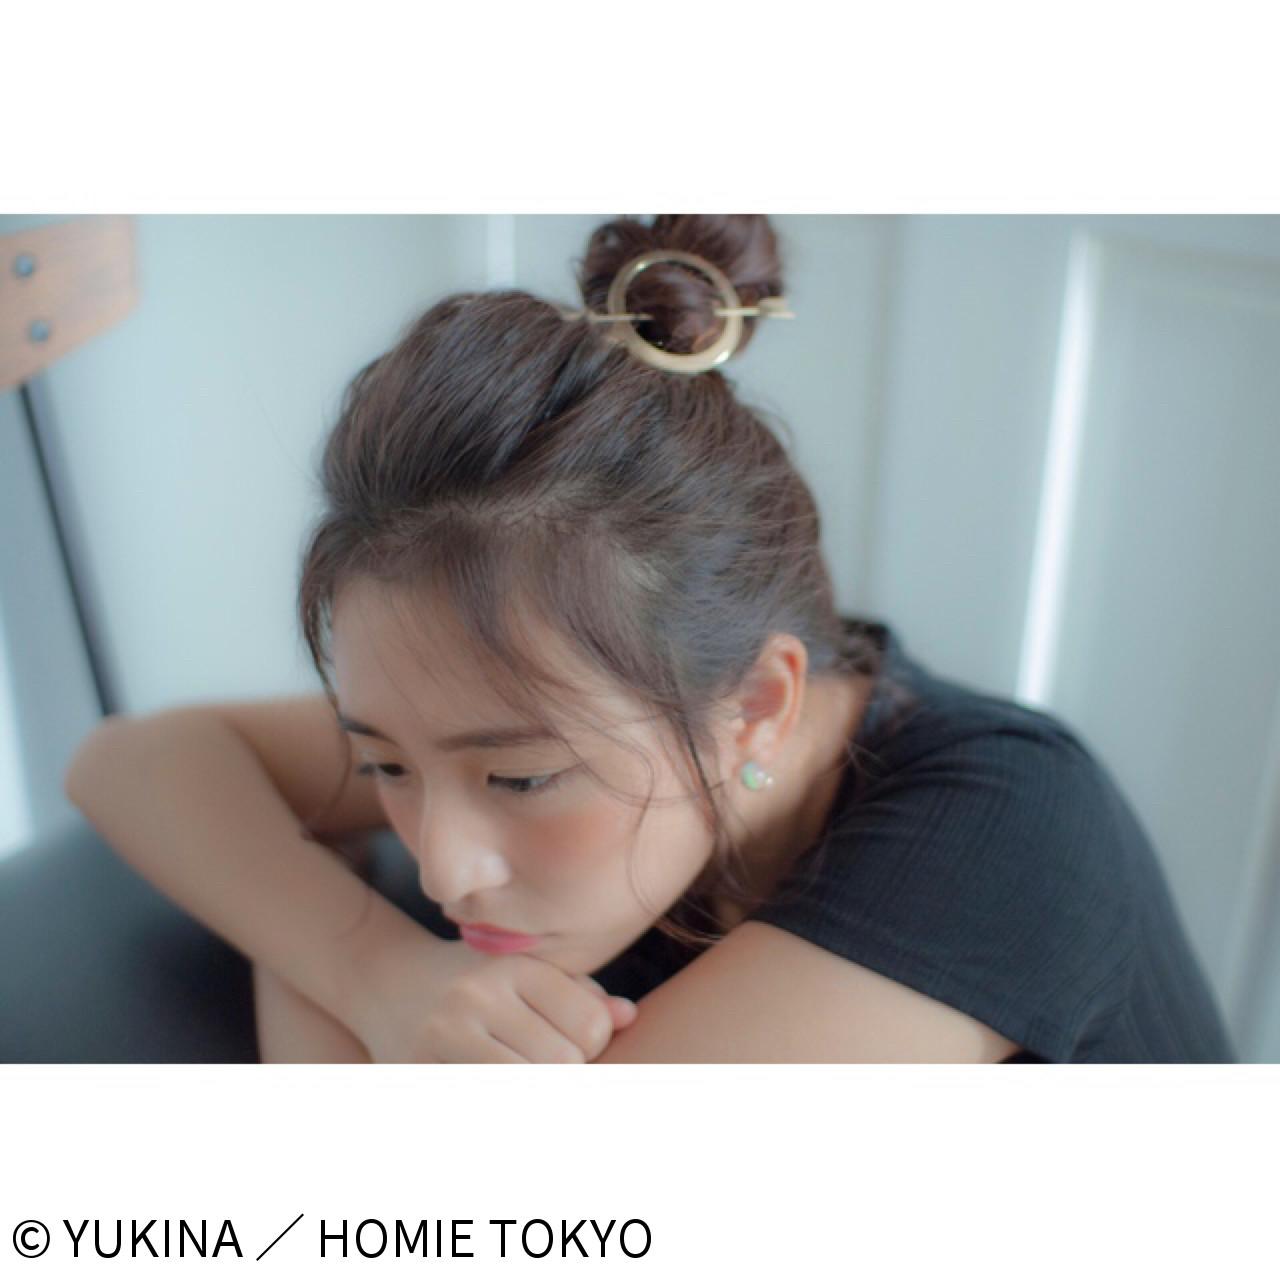 """♡を射抜いて虜にさせる。可愛いをグンッとひきのばす""""アロースティック""""に夢中なの。 YUKINA / HOMIE TOKYO"""